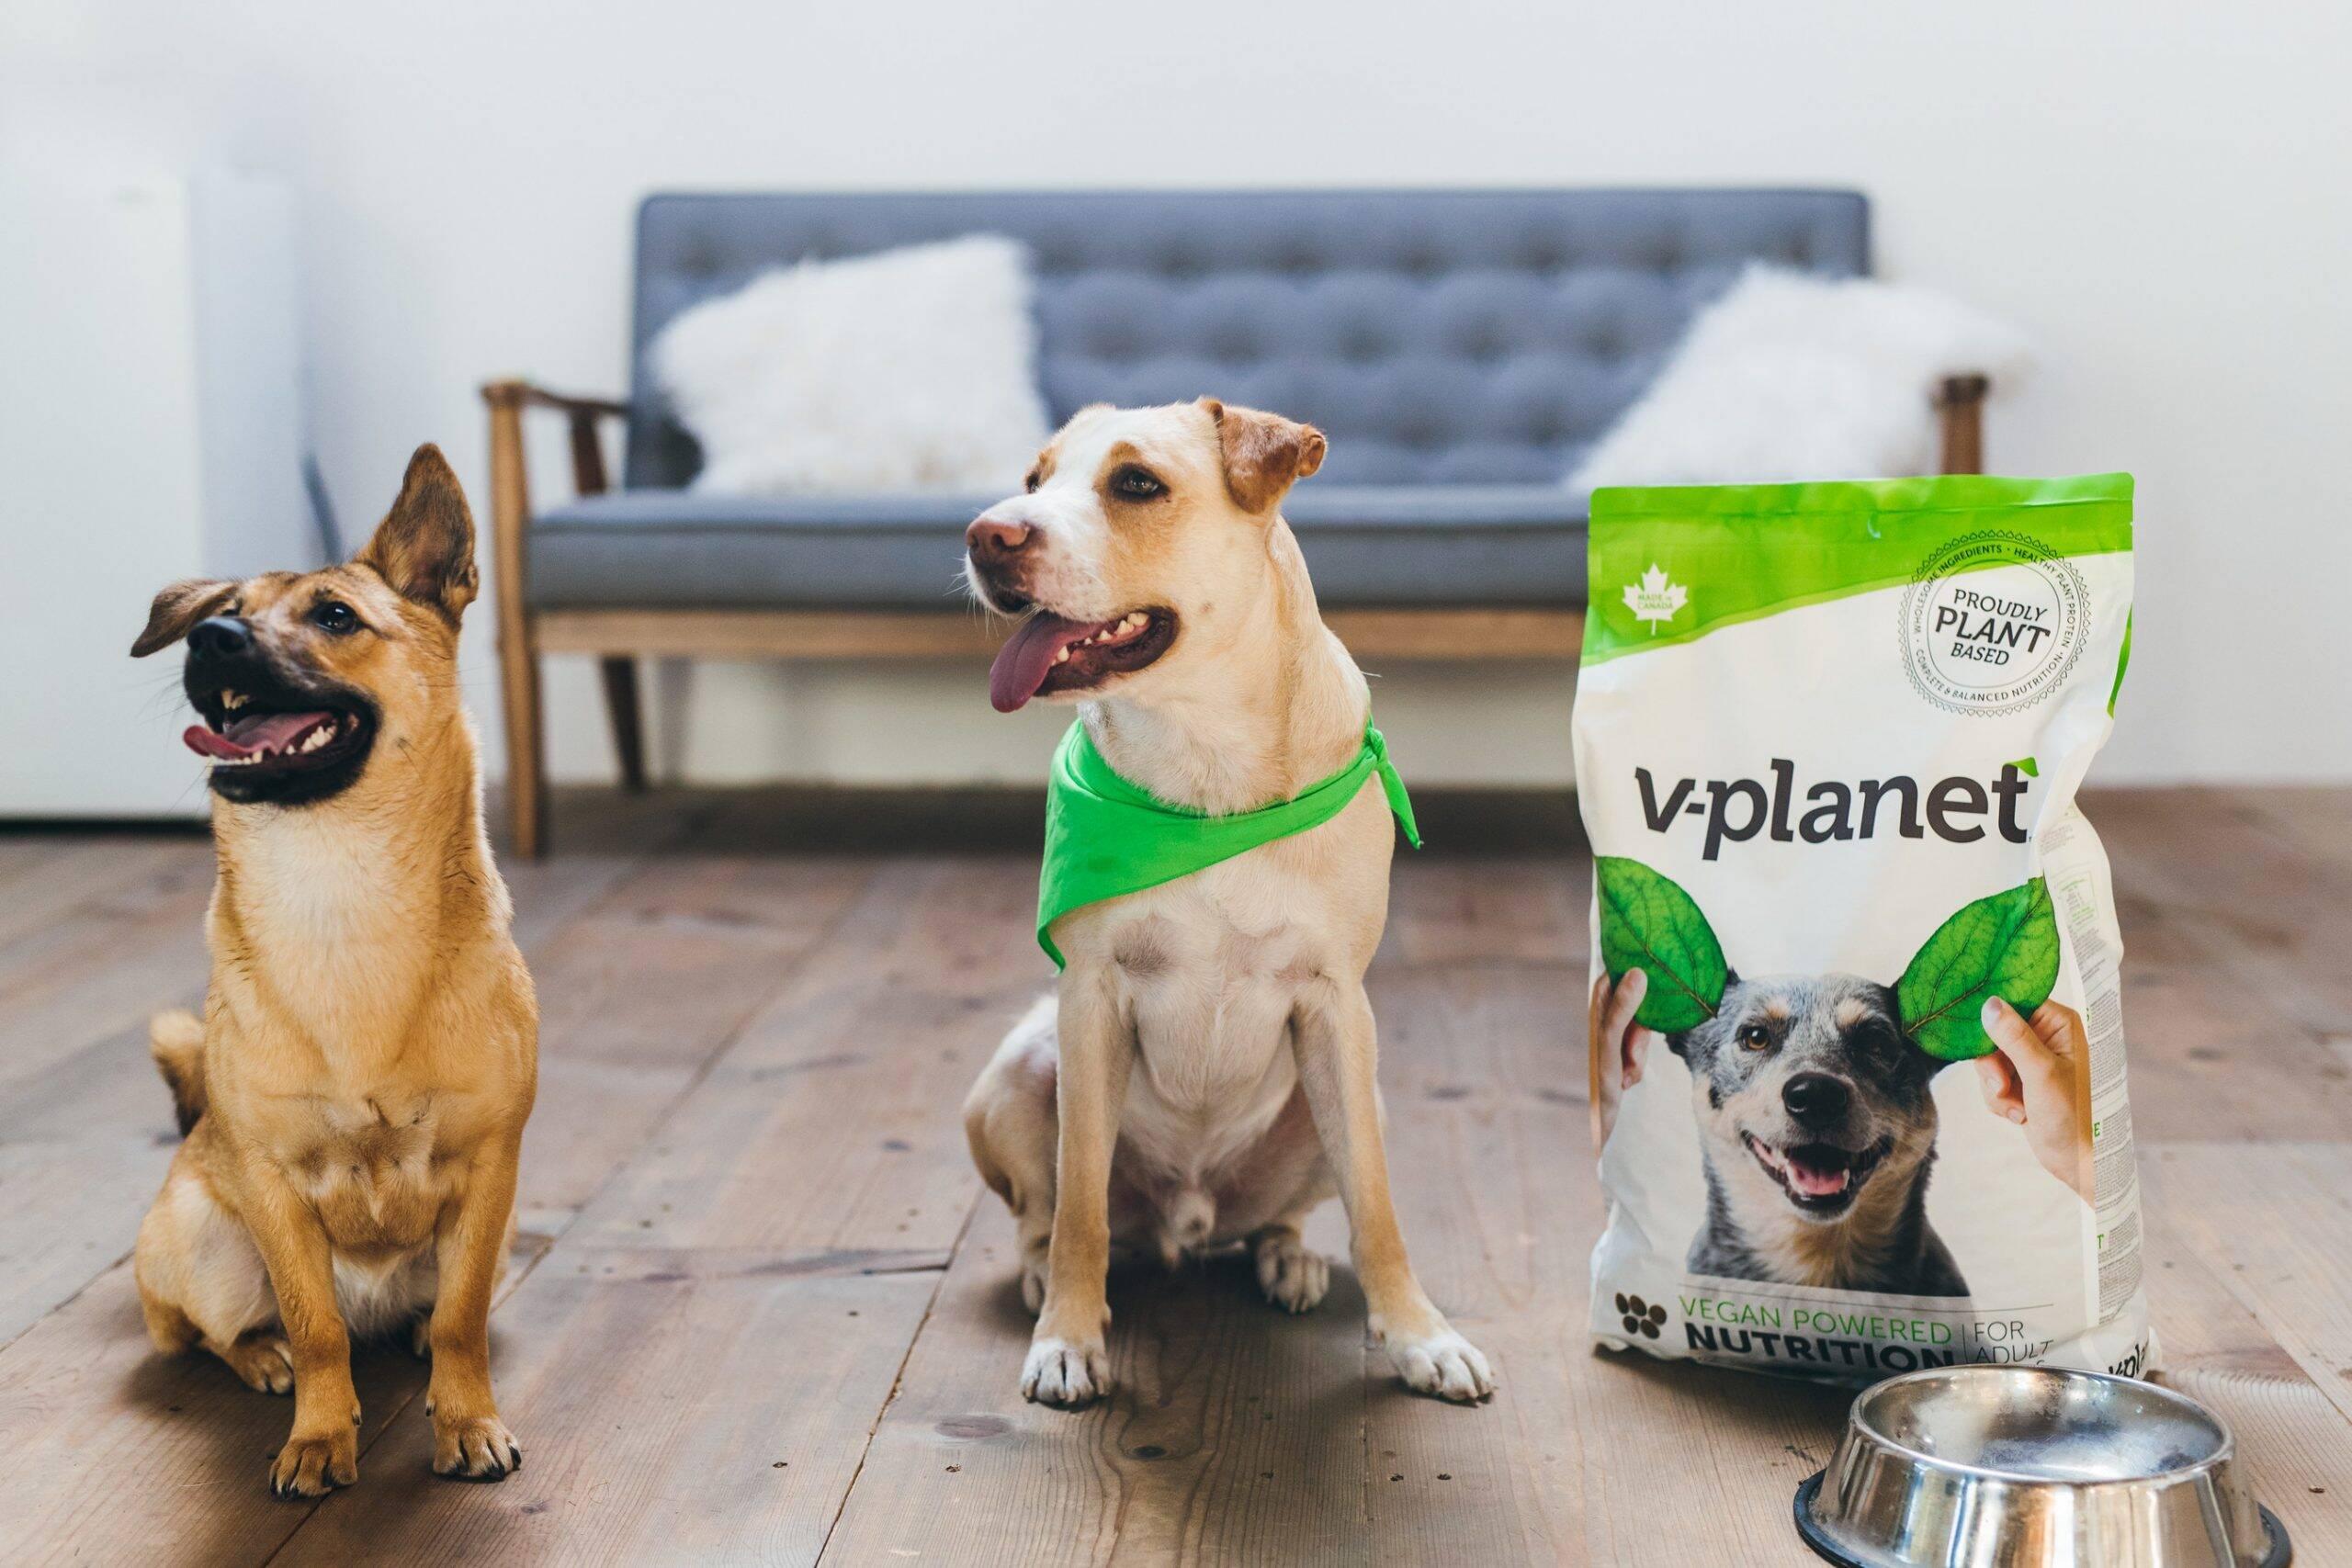 Empresa desenvolve ração vegana para cães